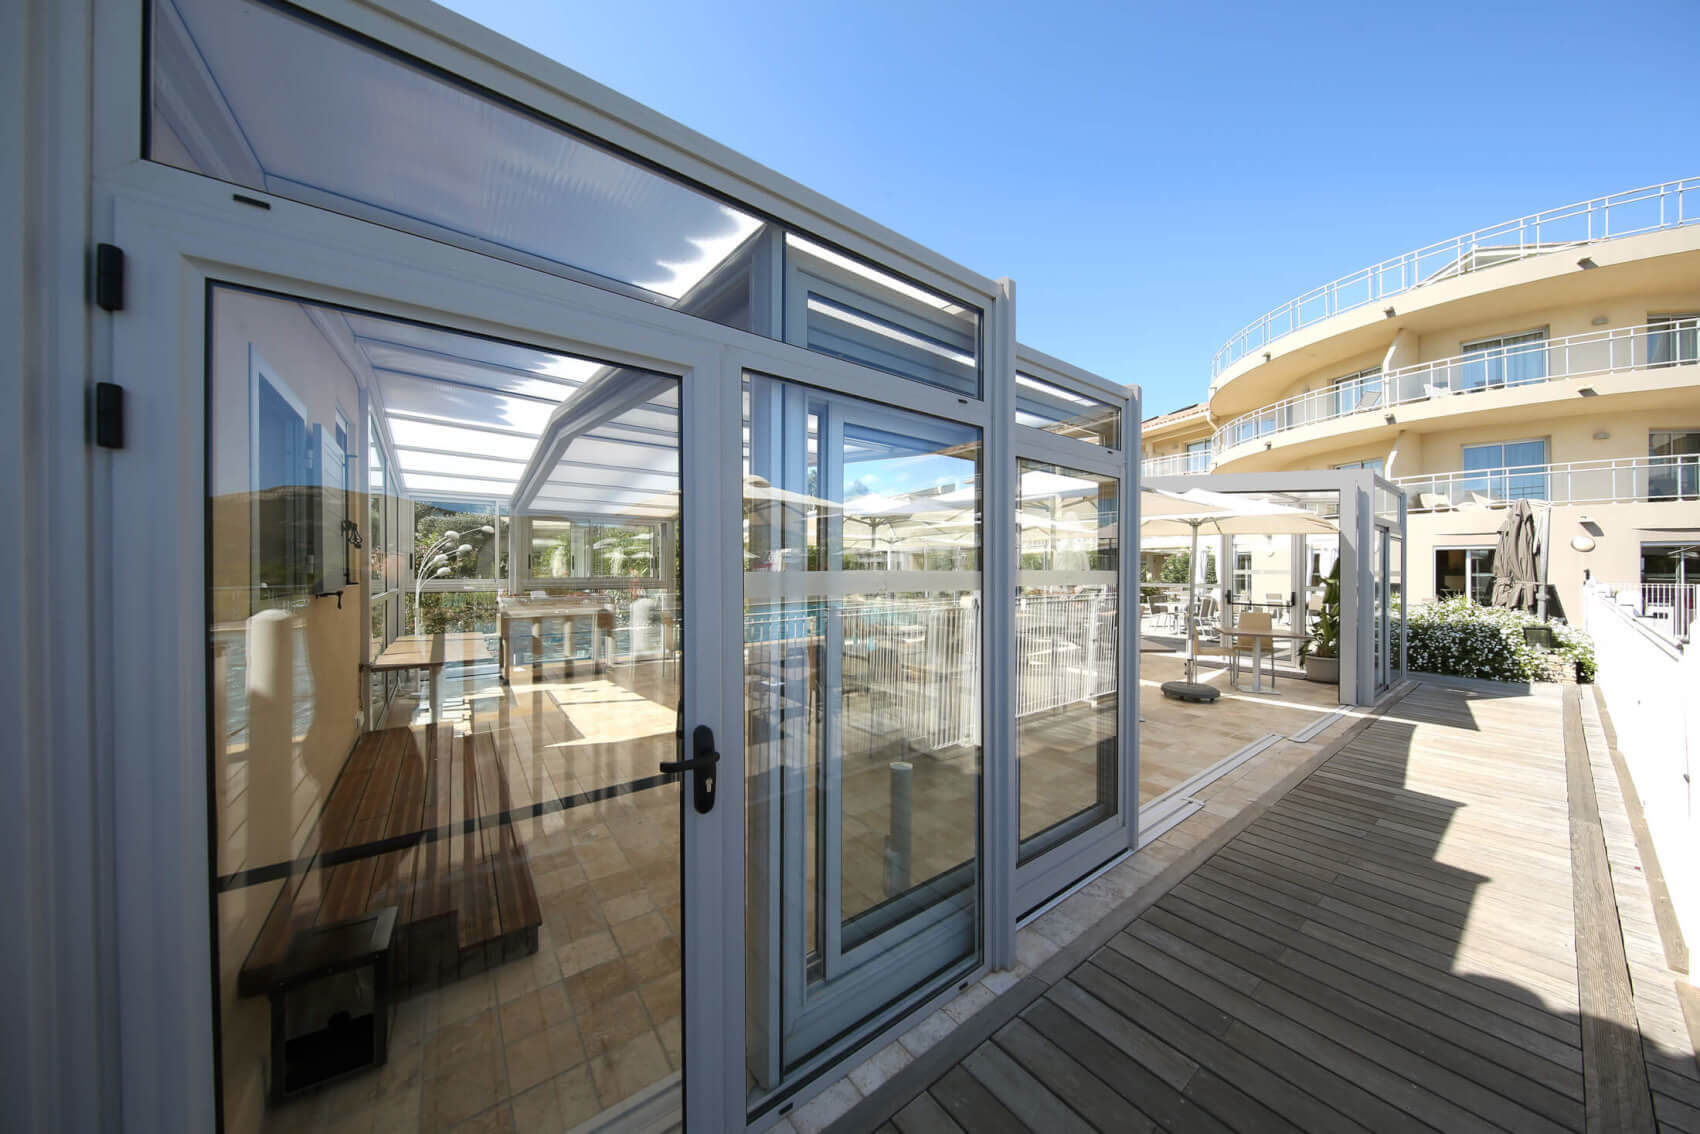 Abri De Terrasse Aluminium Chr (Cafés, Hôtels Et Restaurants) à Abri Terrasse Coulissant